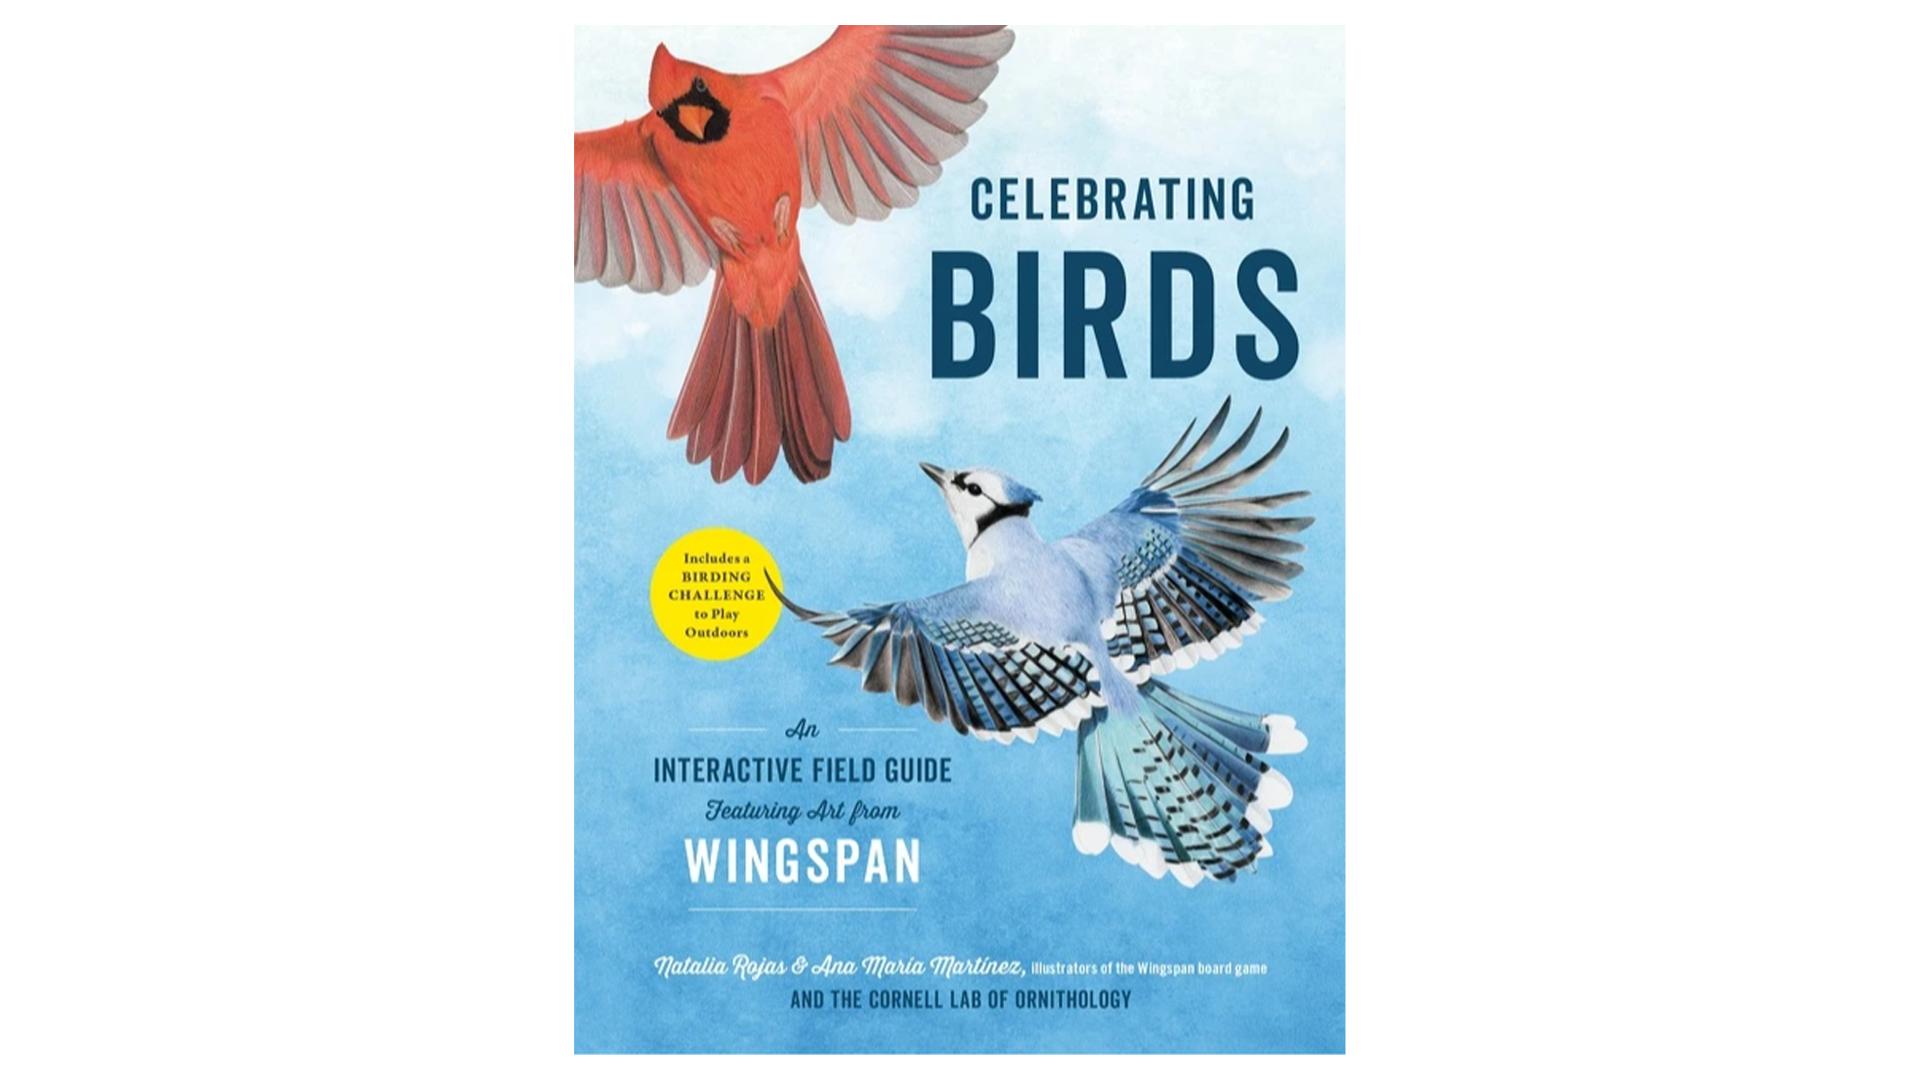 Celebrating Birds book cover